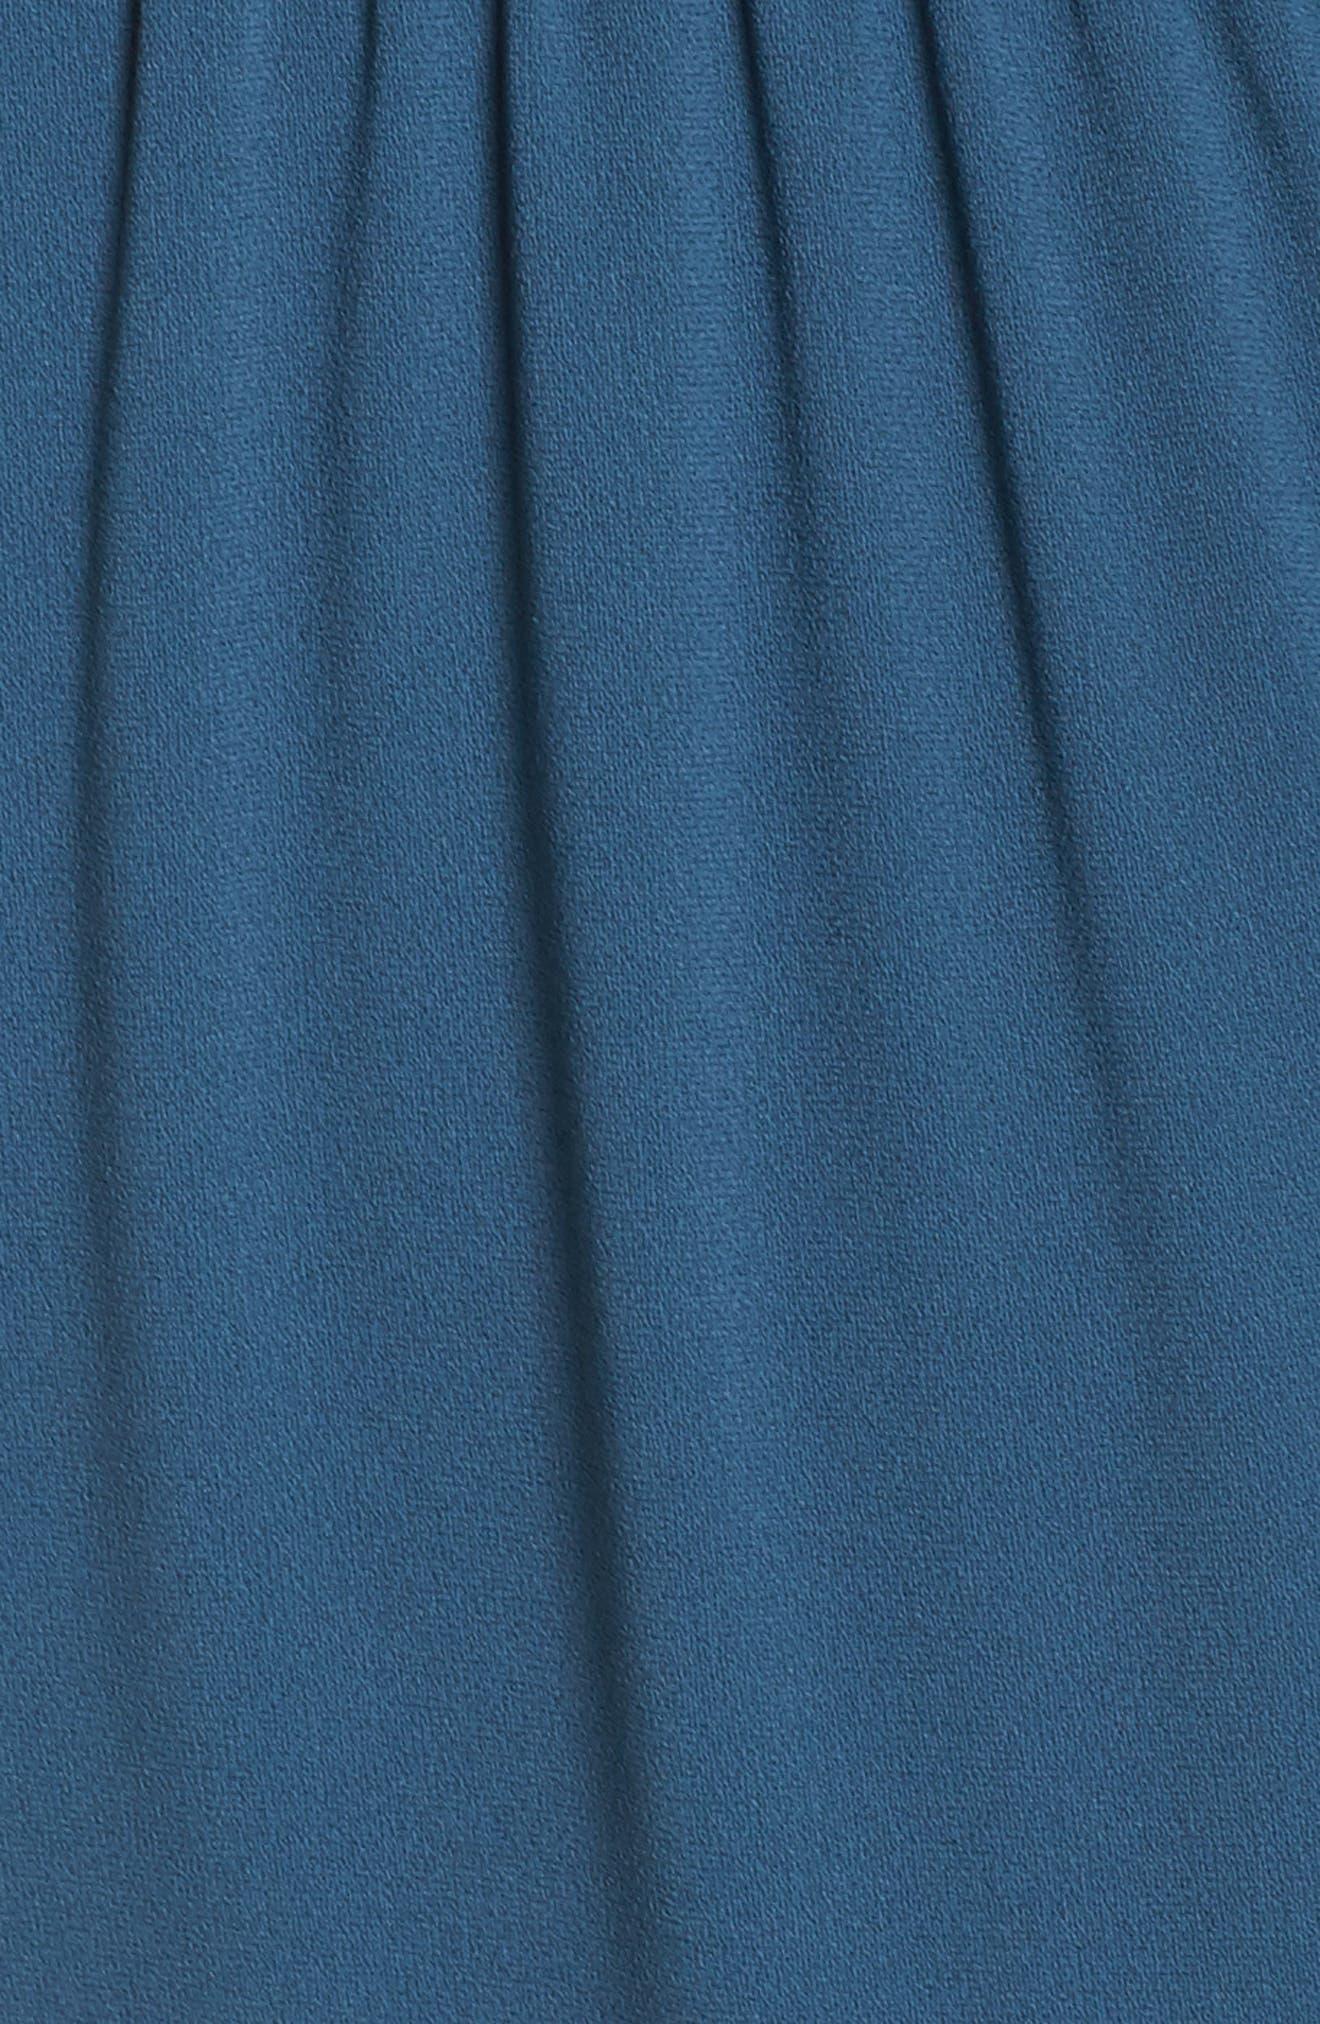 Le Boulevard One-Shoulder Jumpsuit,                             Alternate thumbnail 10, color,